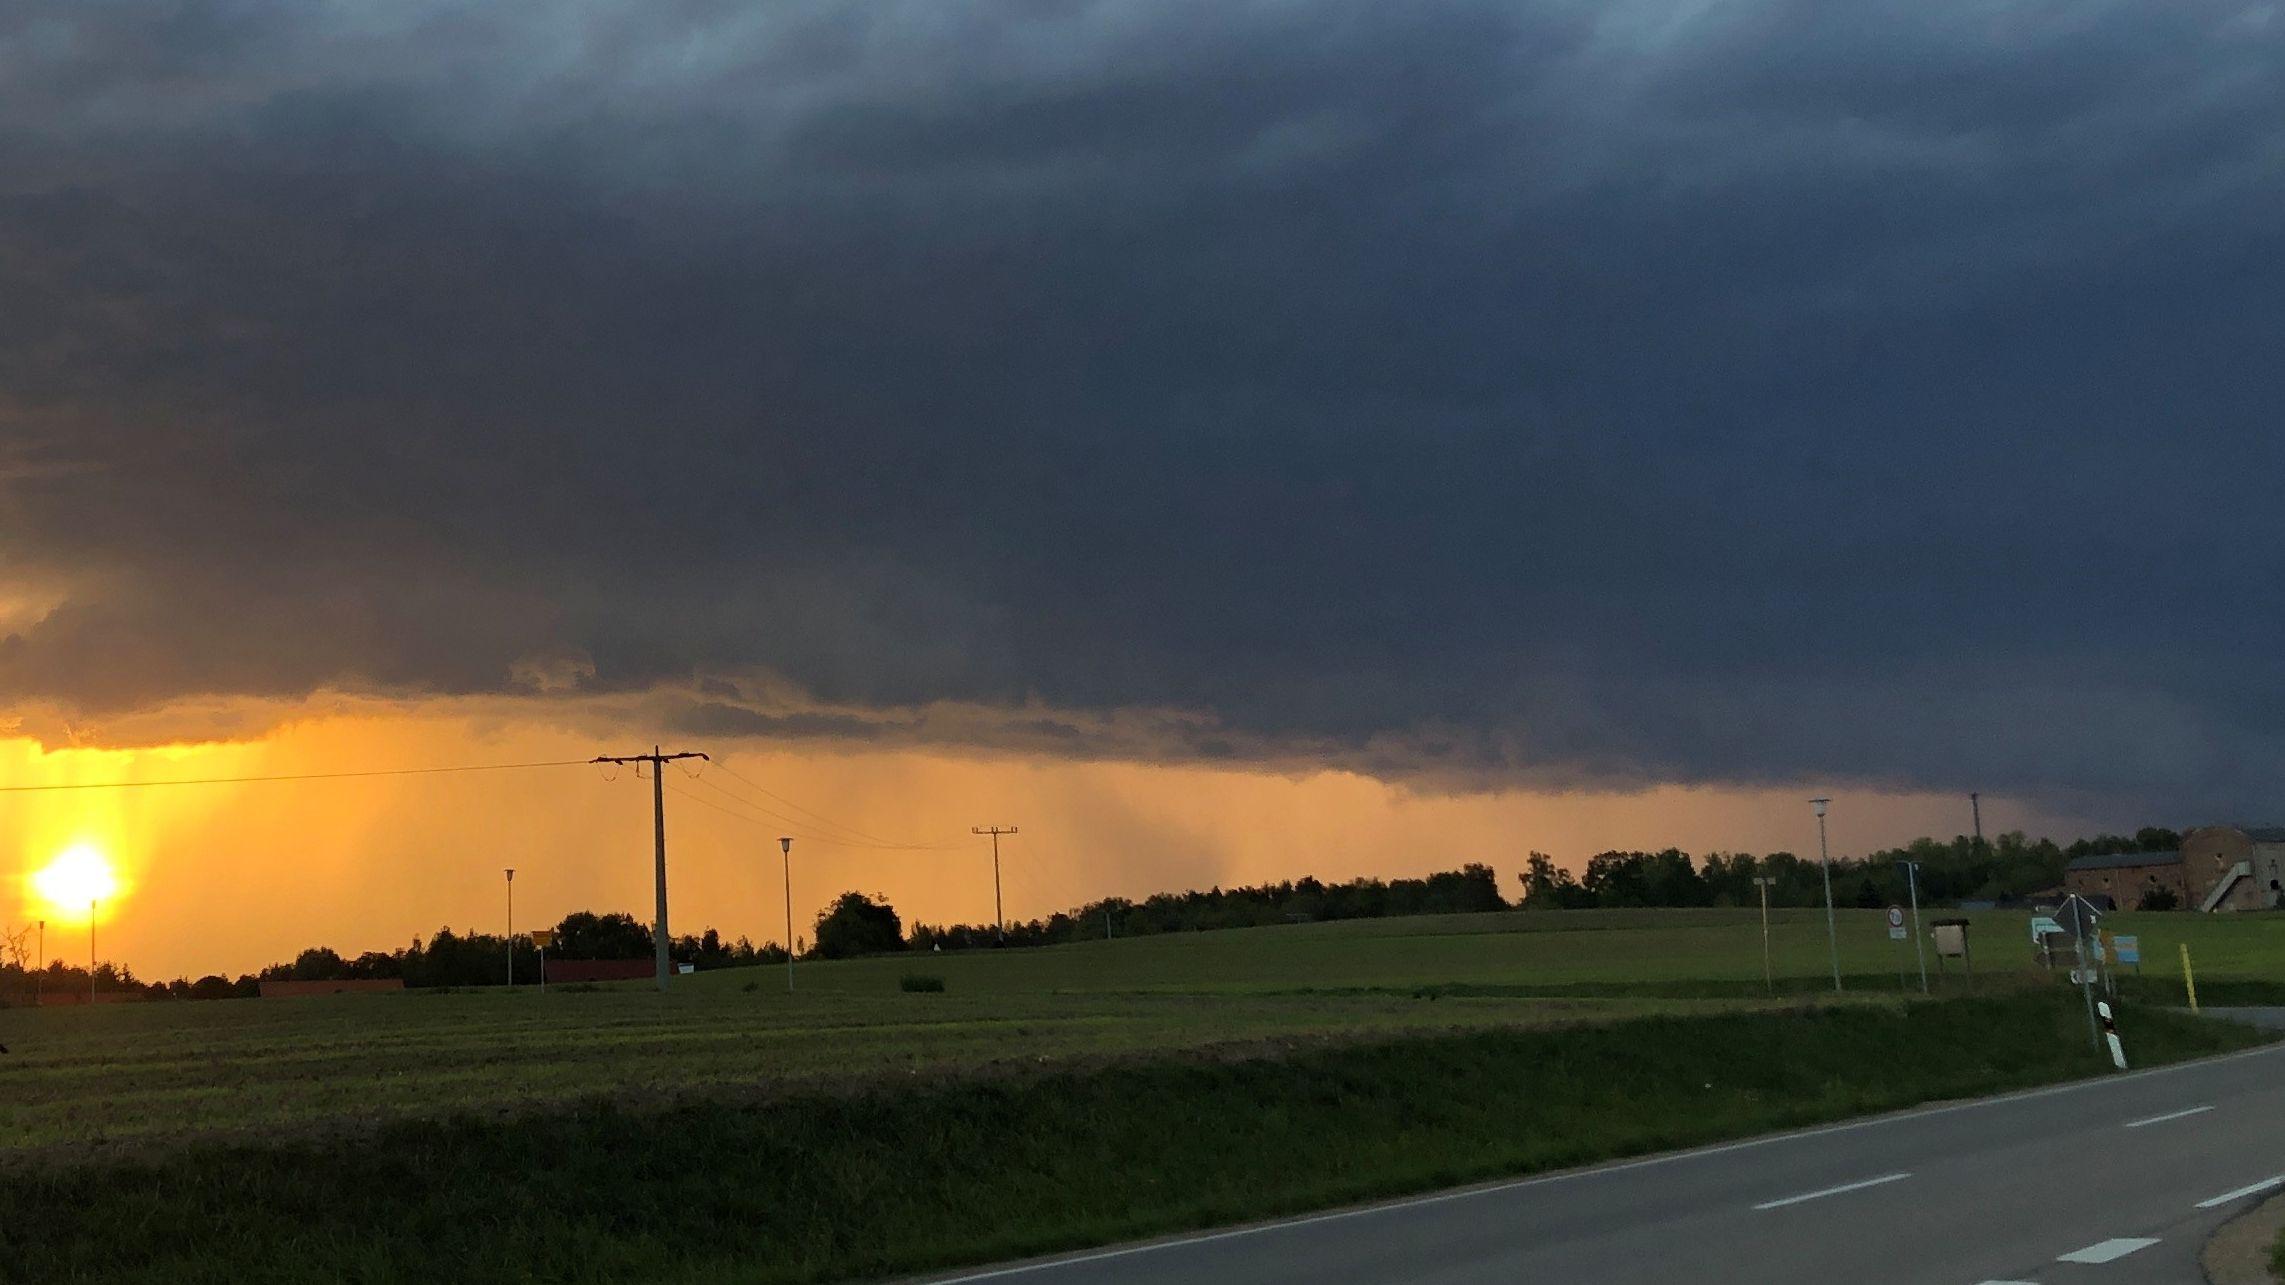 Am Abend erreichte die Unwetterfront den Landkreis Schwandorf